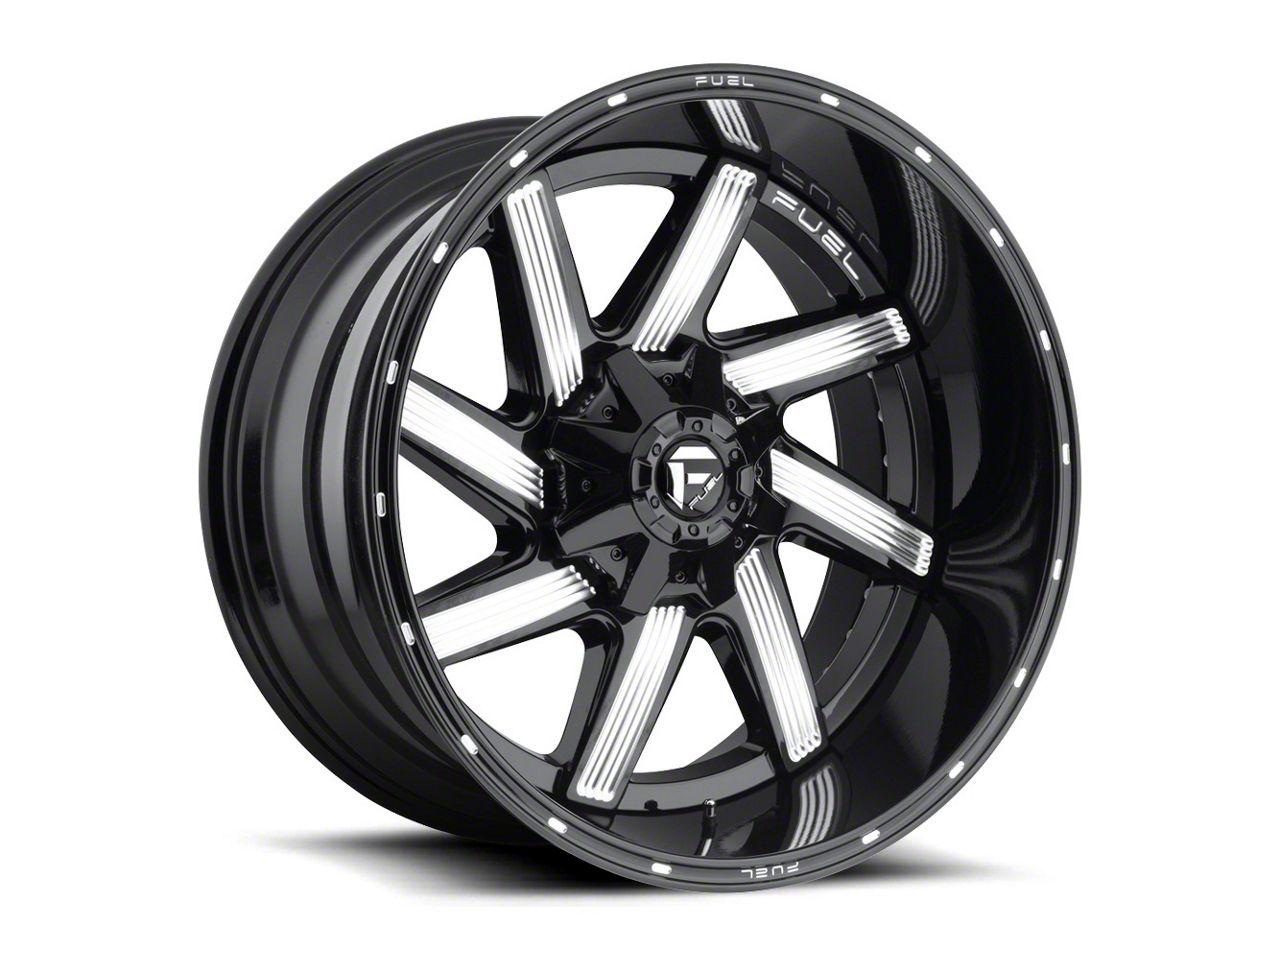 Fuel Wheels Moab Gloss Black Milled 6-Lug Wheel - 20x12 (99-18 Silverado 1500)